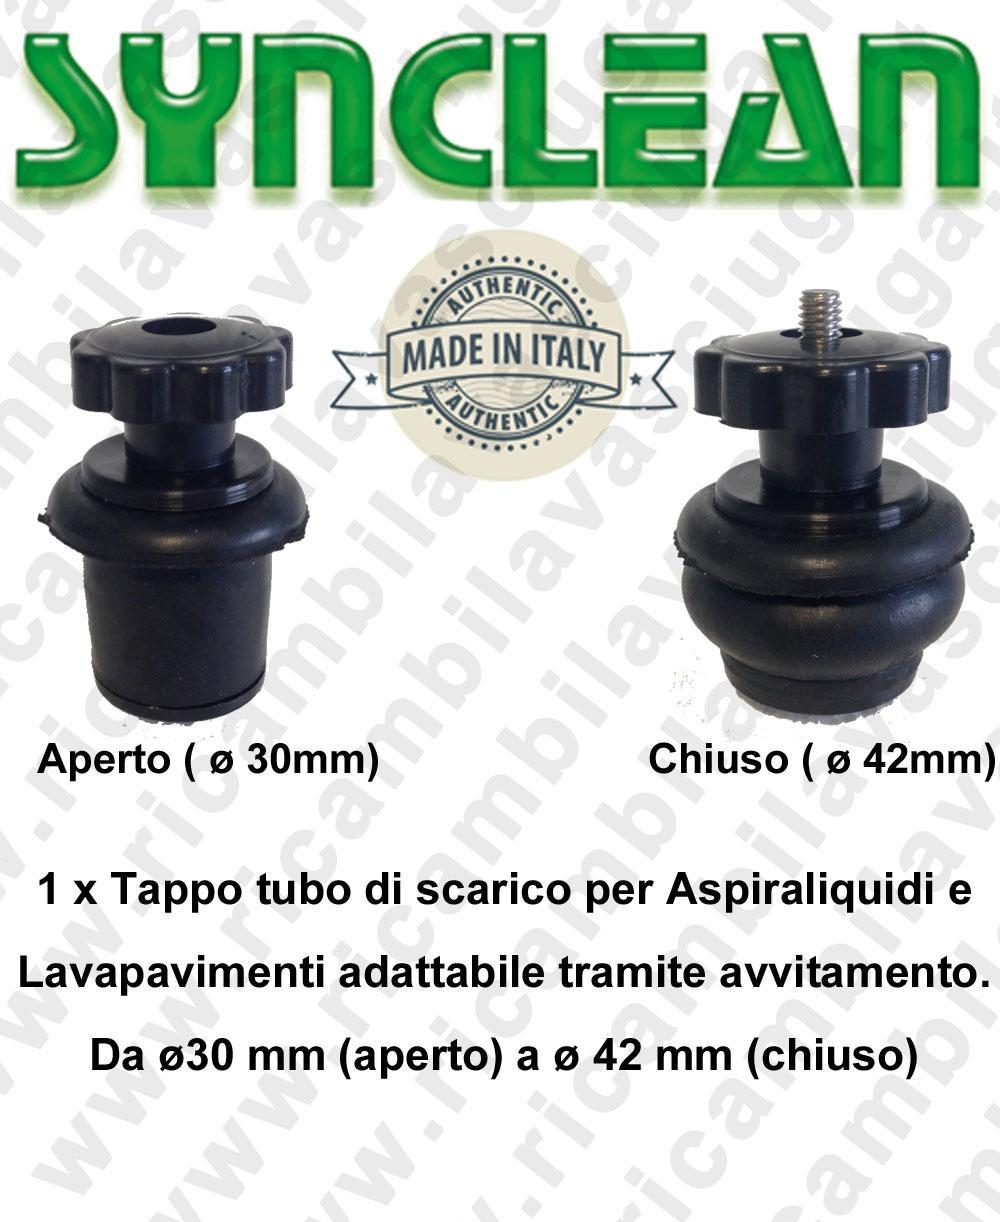 Tappo tubo di scarico per Aspiraliquidi e Lavapavimenti adattabile tramite avvitamento. Da ø30 mm (aperto) a ø 42 mm (chiuso)